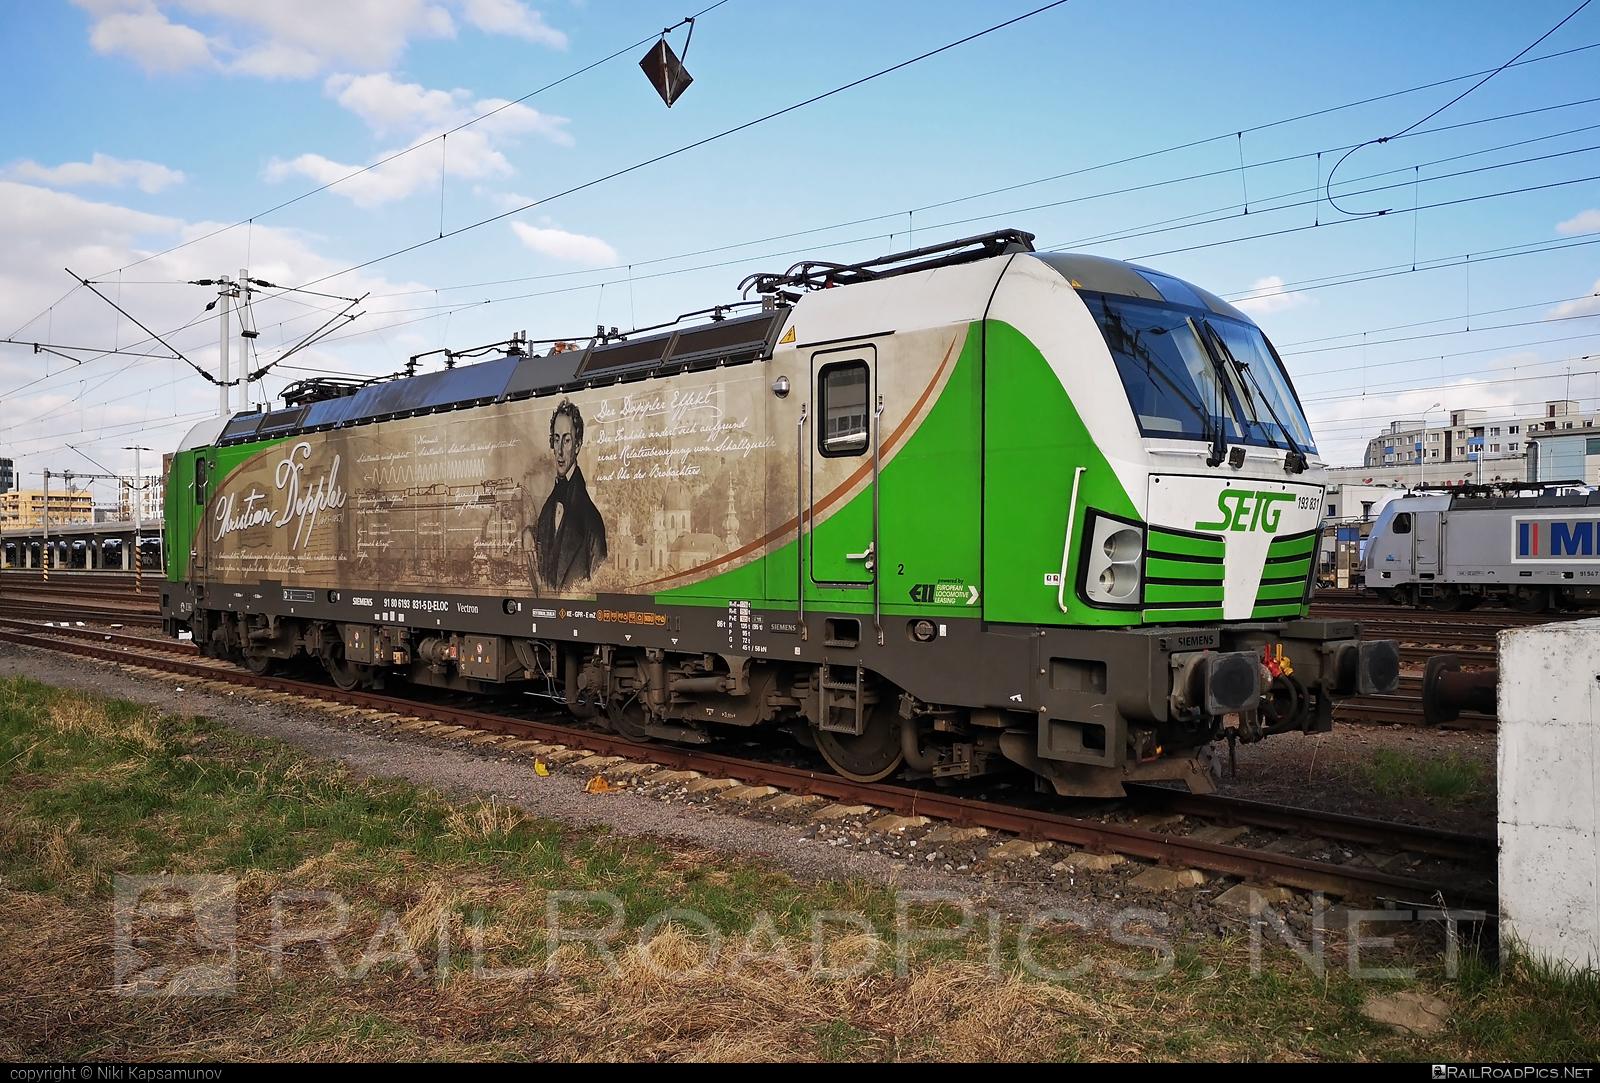 Siemens Vectron AC - 193 831 operated by Salzburger Eisenbahn Transportlogistik GmbH #SalzburgerEisenbahnTransportlogistik #SalzburgerEisenbahnTransportlogistikGmbH #ell #ellgermany #eloc #europeanlocomotiveleasing #setg #siemens #siemensvectron #siemensvectronac #vectron #vectronac